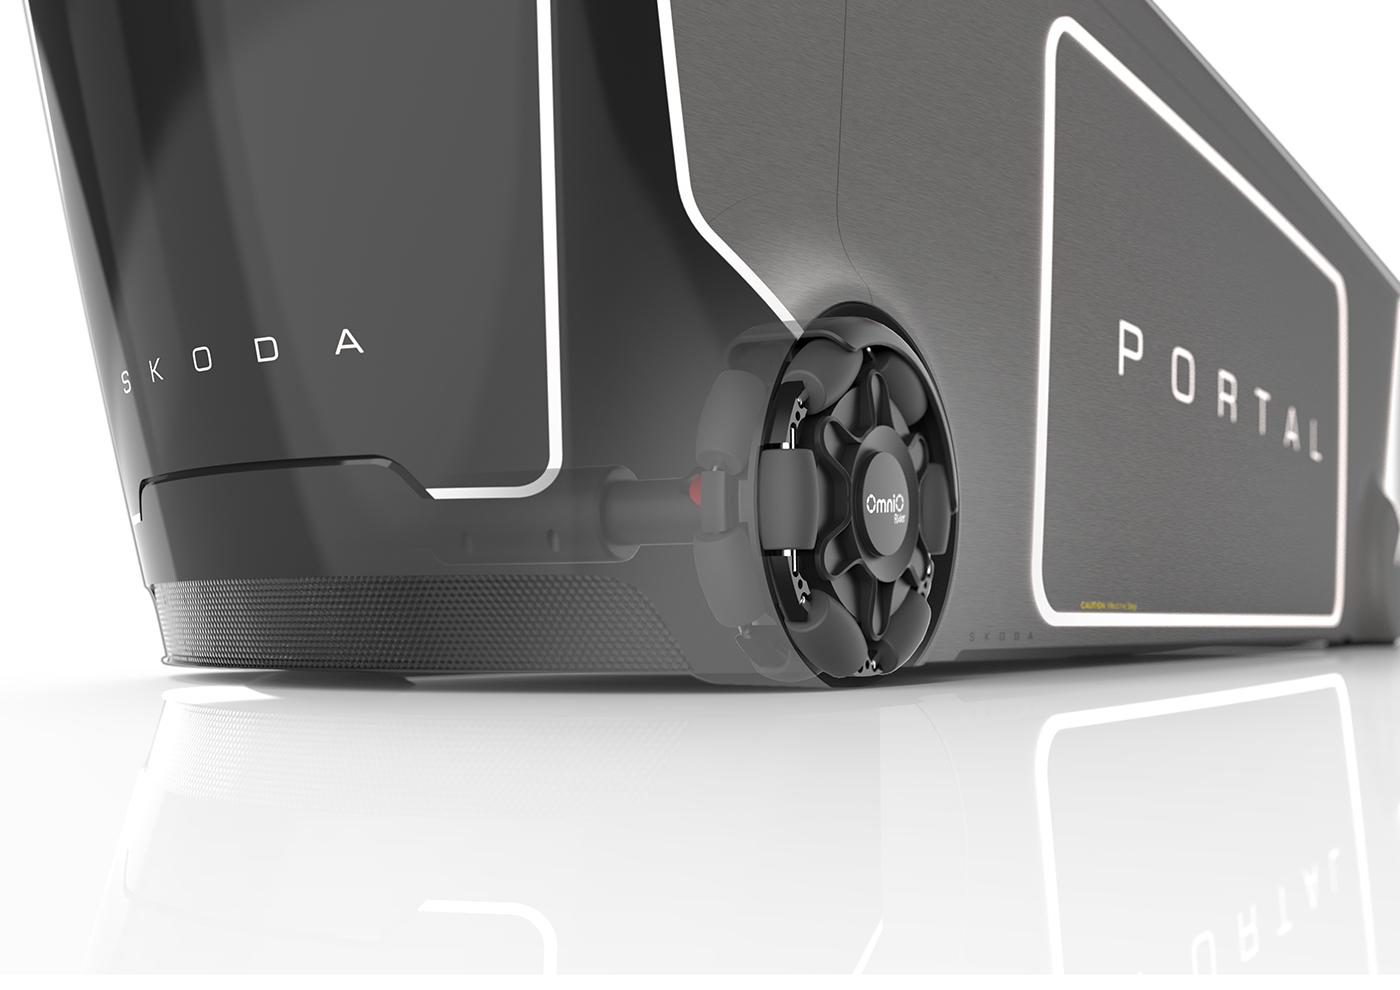 Škoda Portal 2035 by Marek Weidlich | motivezine